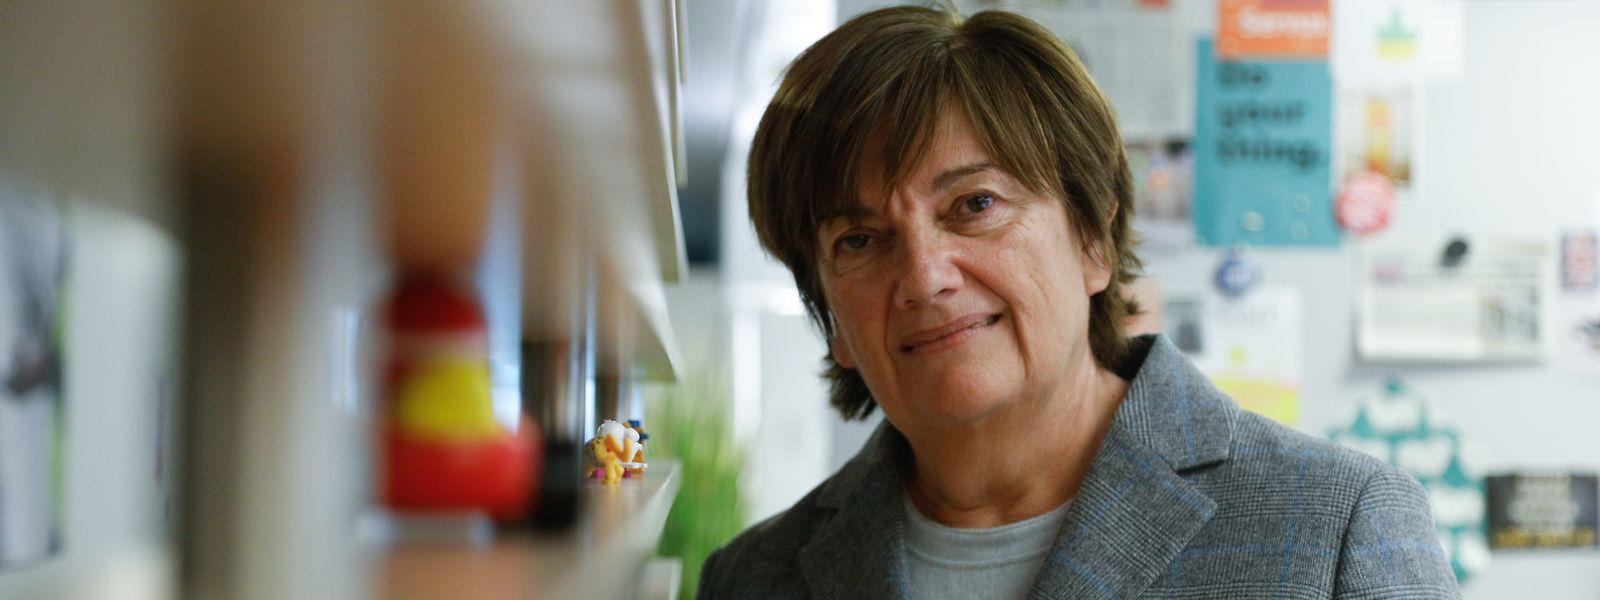 Michèle Detaille ist die erste Frau auf dem Präsidentenposten der Fedil und gleichzeitig, als Belgierin, die erste nicht-luxemburgische Präsidentin. Sie leitet die auf Verpackung, Industrielogistik und Handhabung spezialisierte Industriegruppe Alipa in Wiltz.